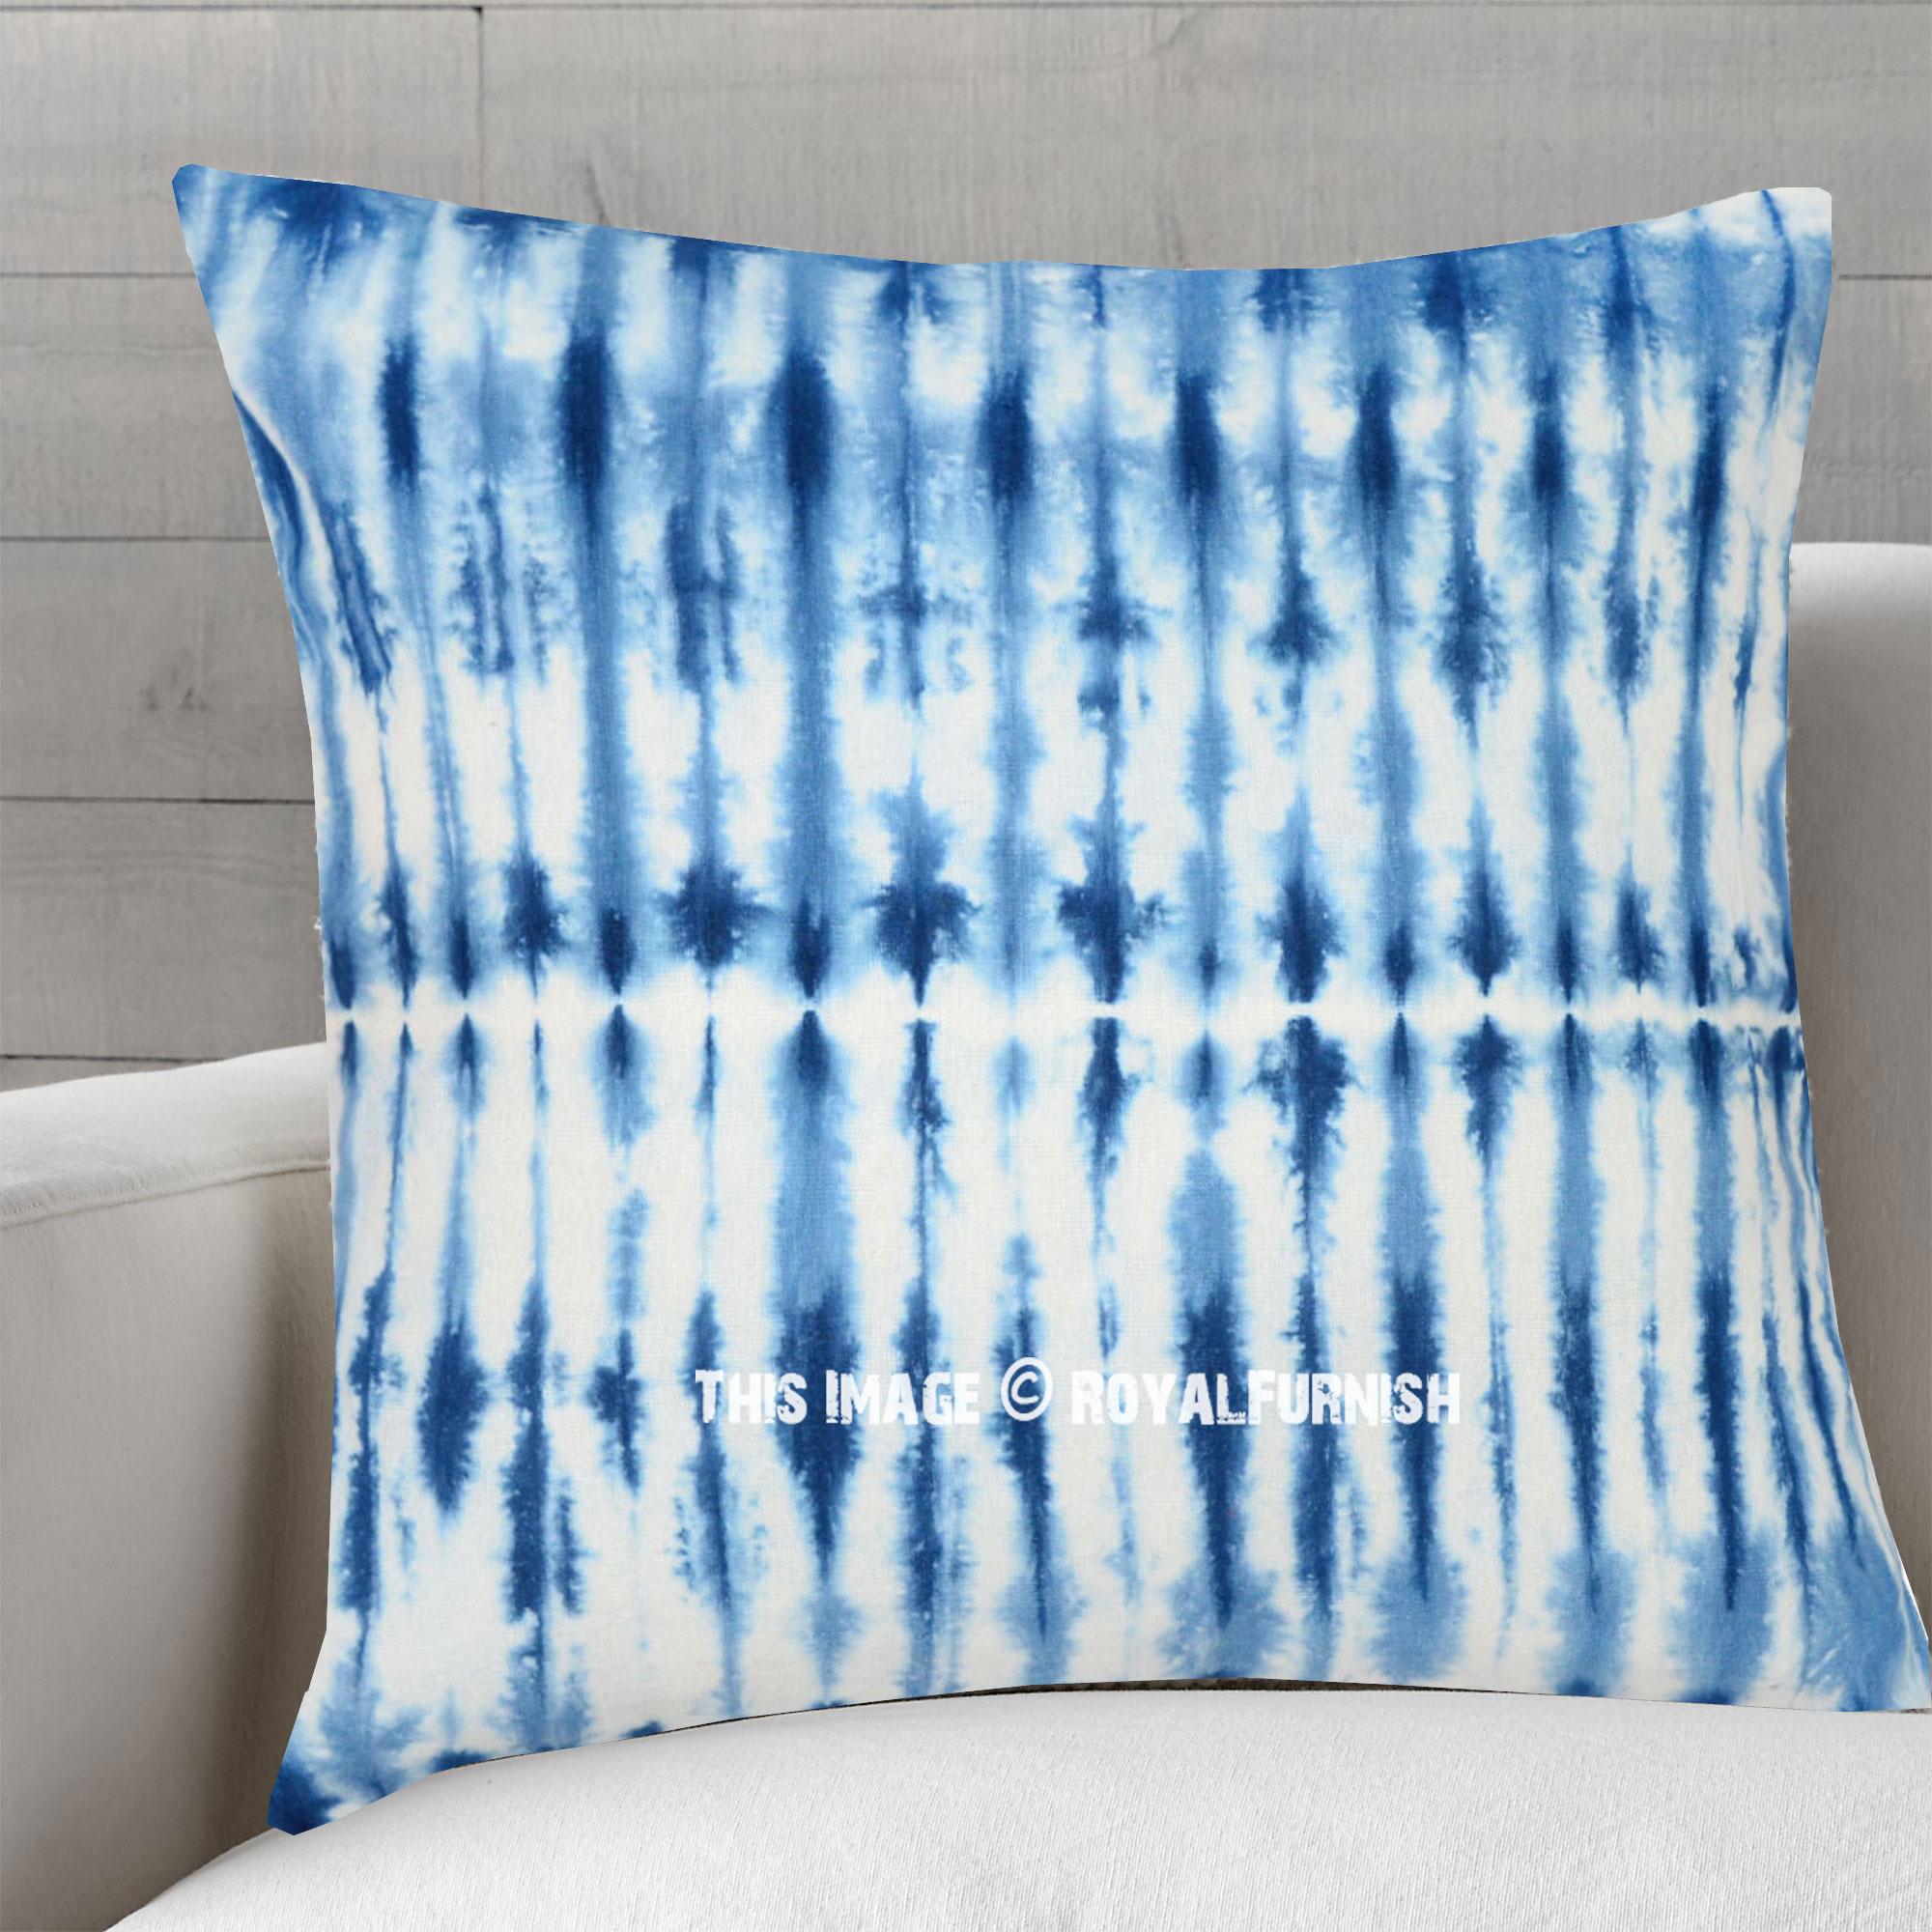 77660bbe1aa72 White & Blue Shibori Art Tie Dye Indigo Pillow Case 16X16 Inch